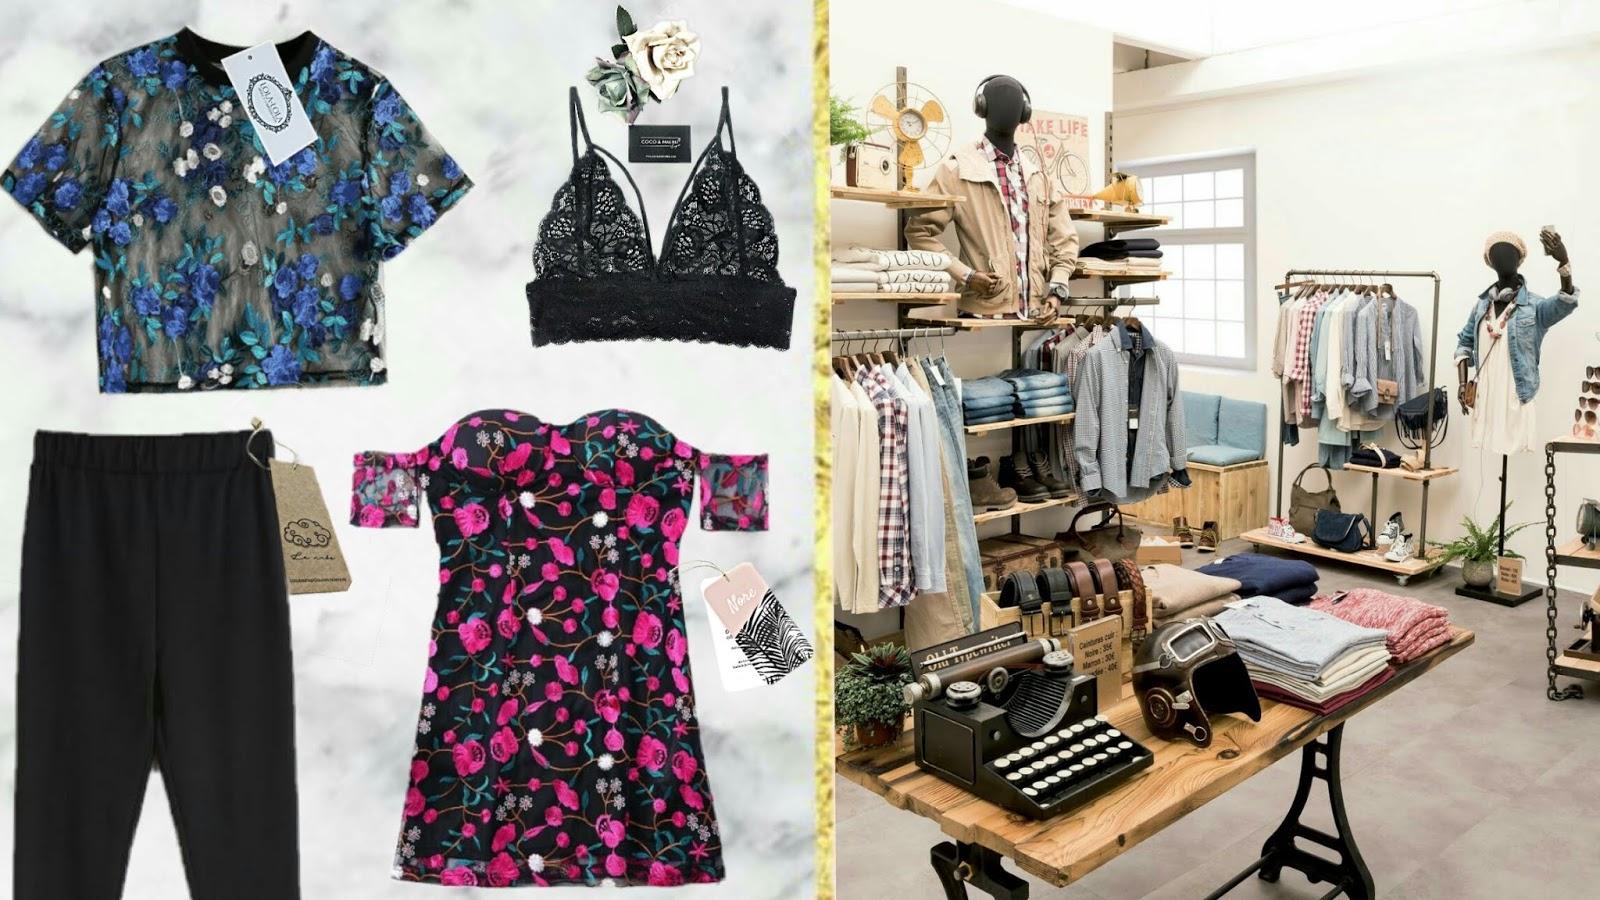 Etiquetas de ropa y sus ventajas